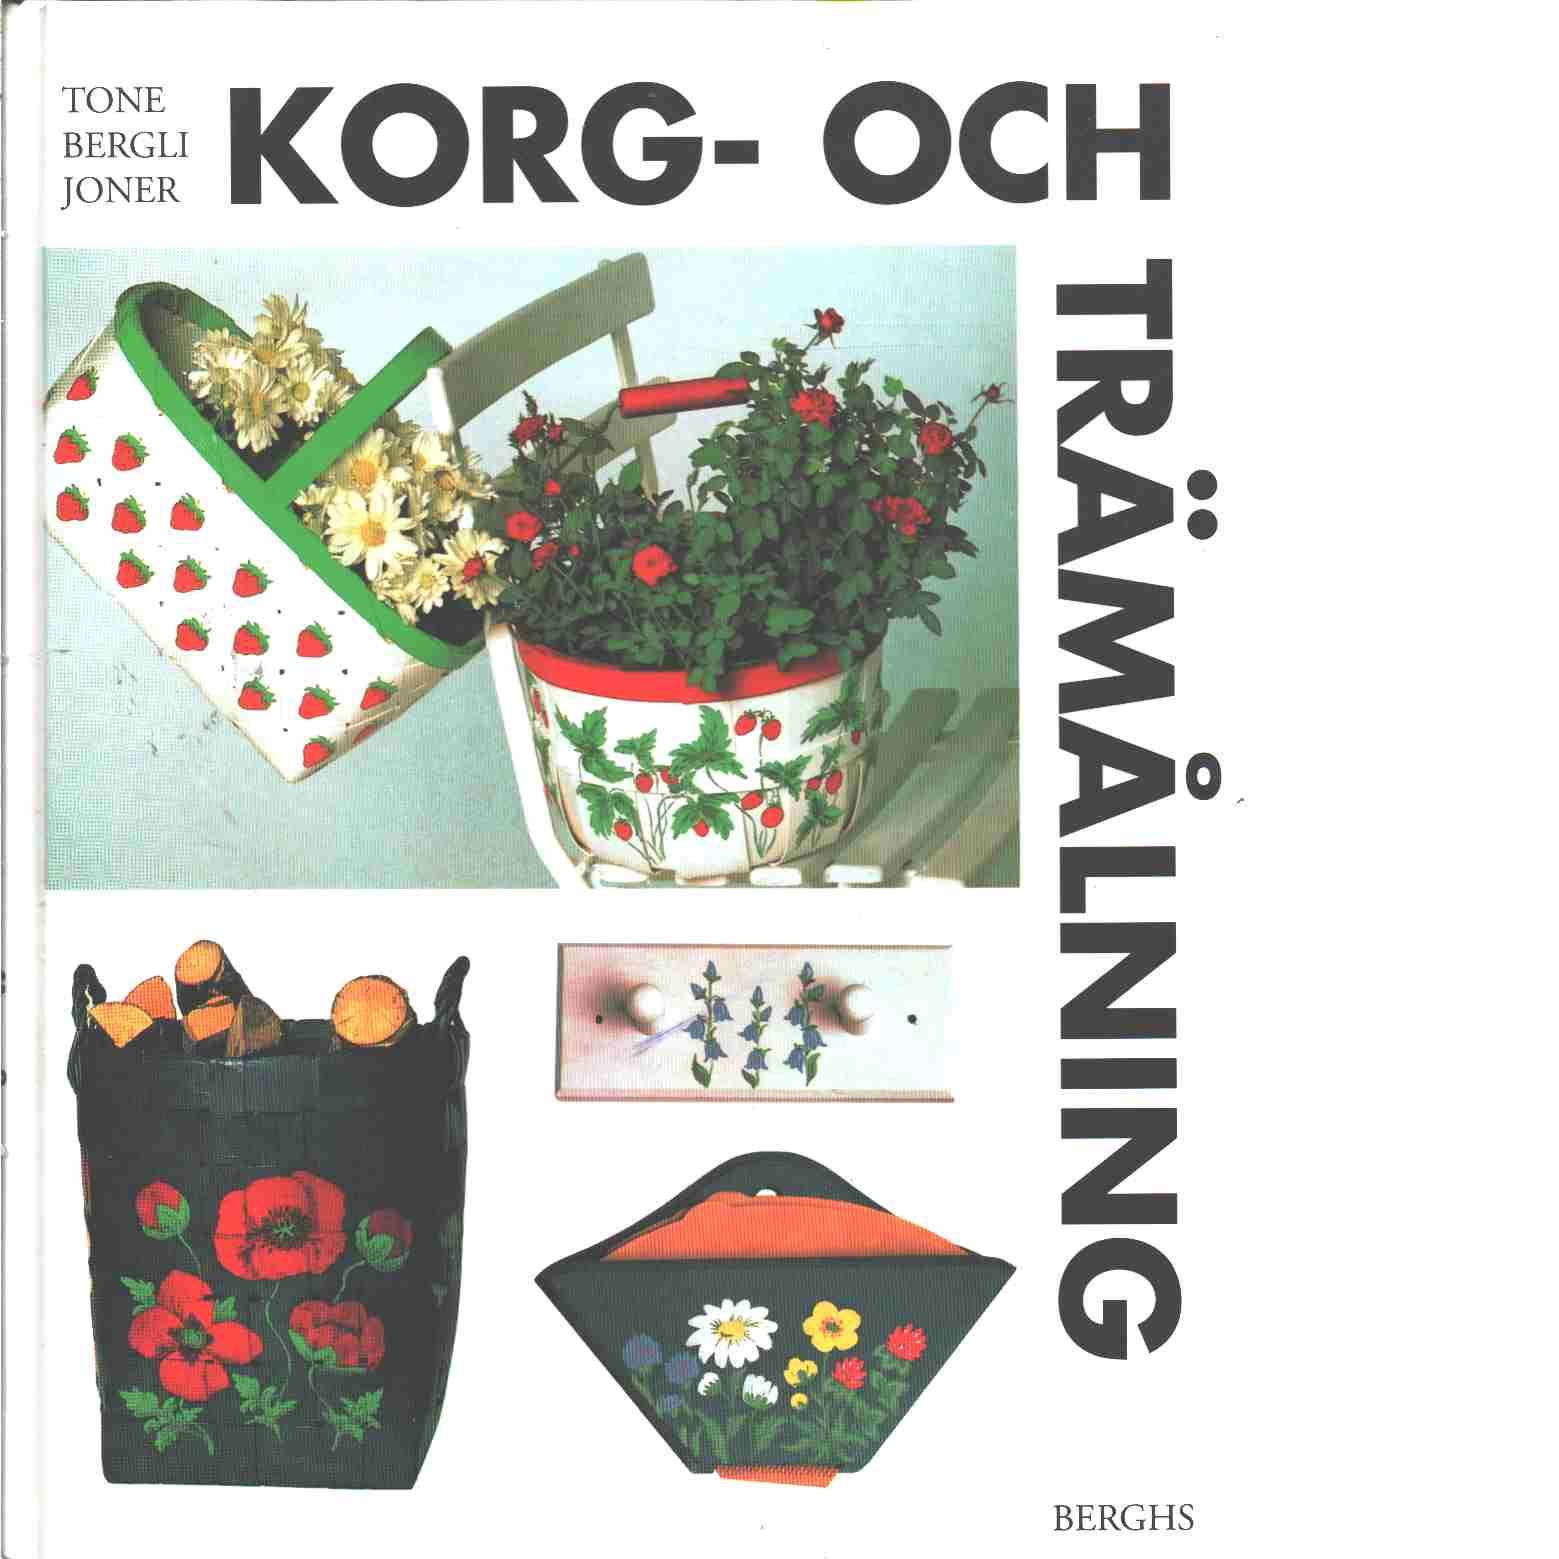 Korg- och trämålning - Joner, Tone Bergli